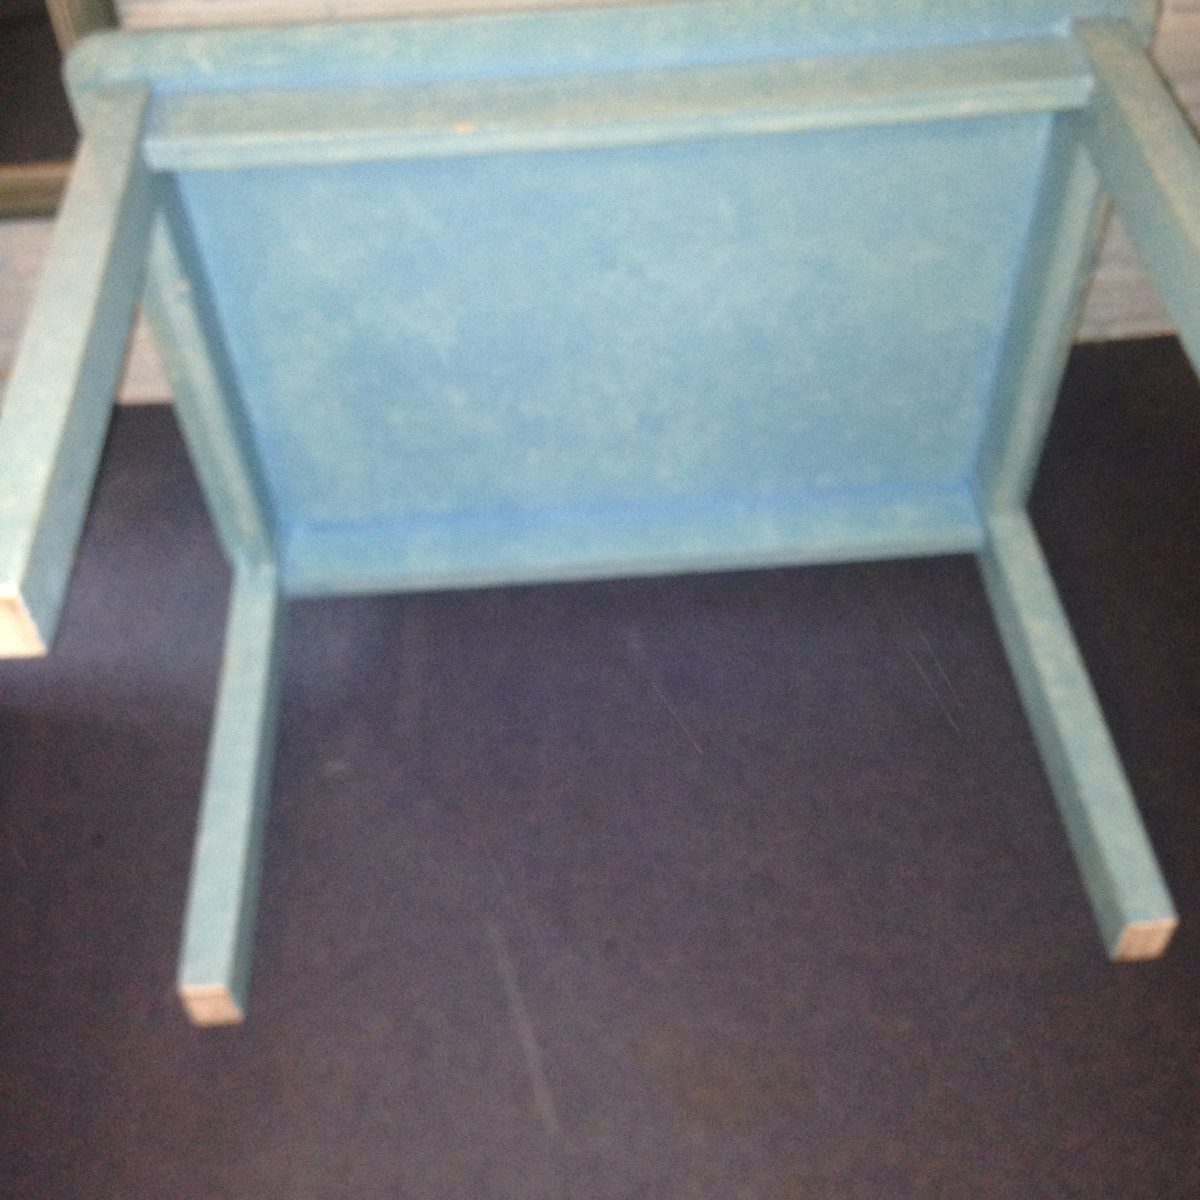 Mesa de madera para ni os 600 00 en mercado libre - Mesas madera ninos ...